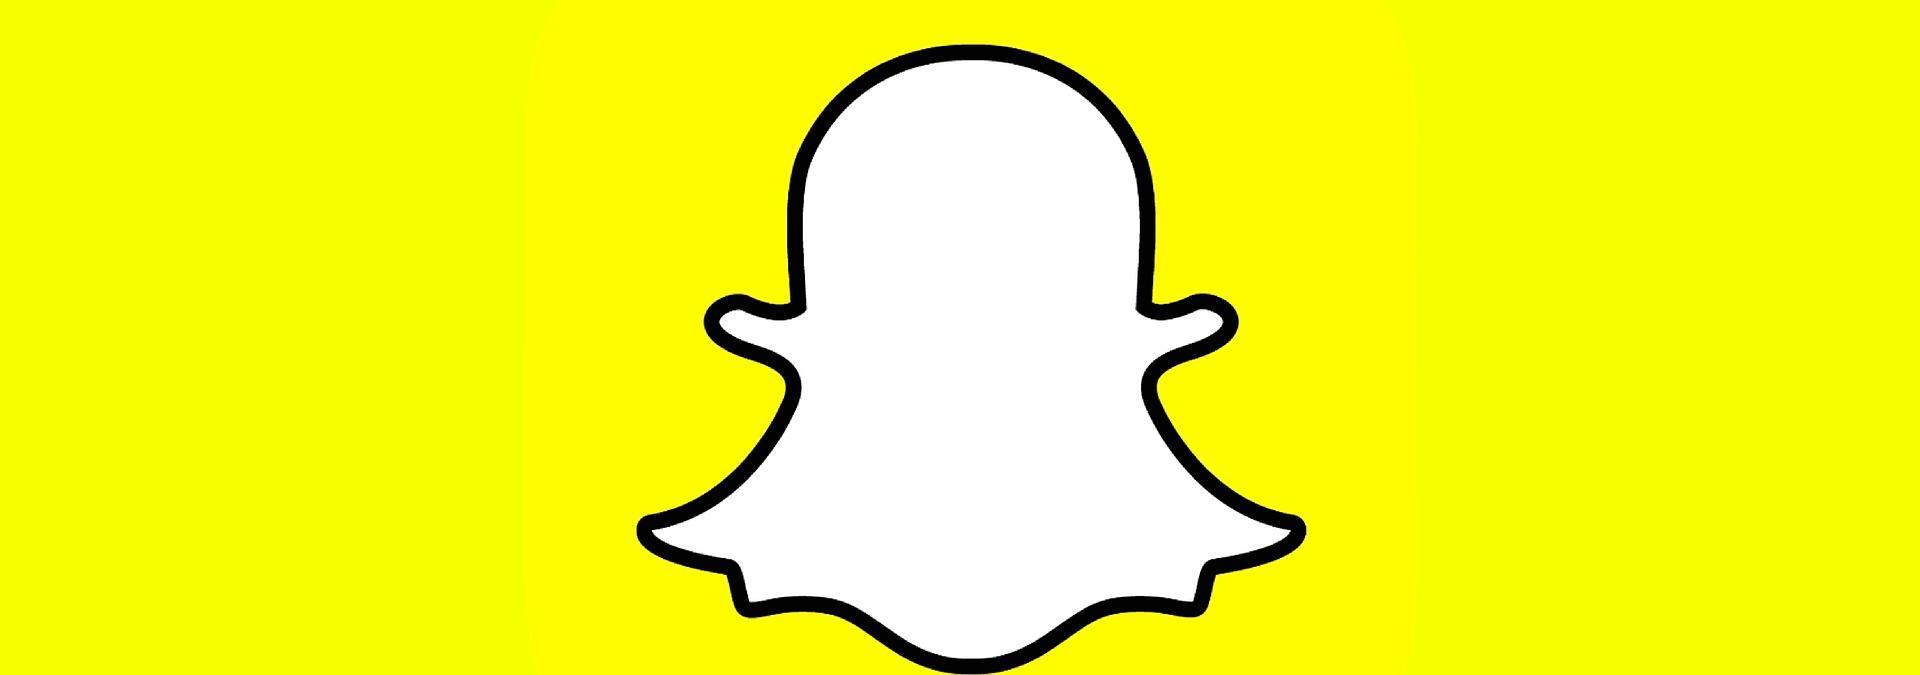 Perché Snapchat è una piattaforma di social media popolare tra i giovani?